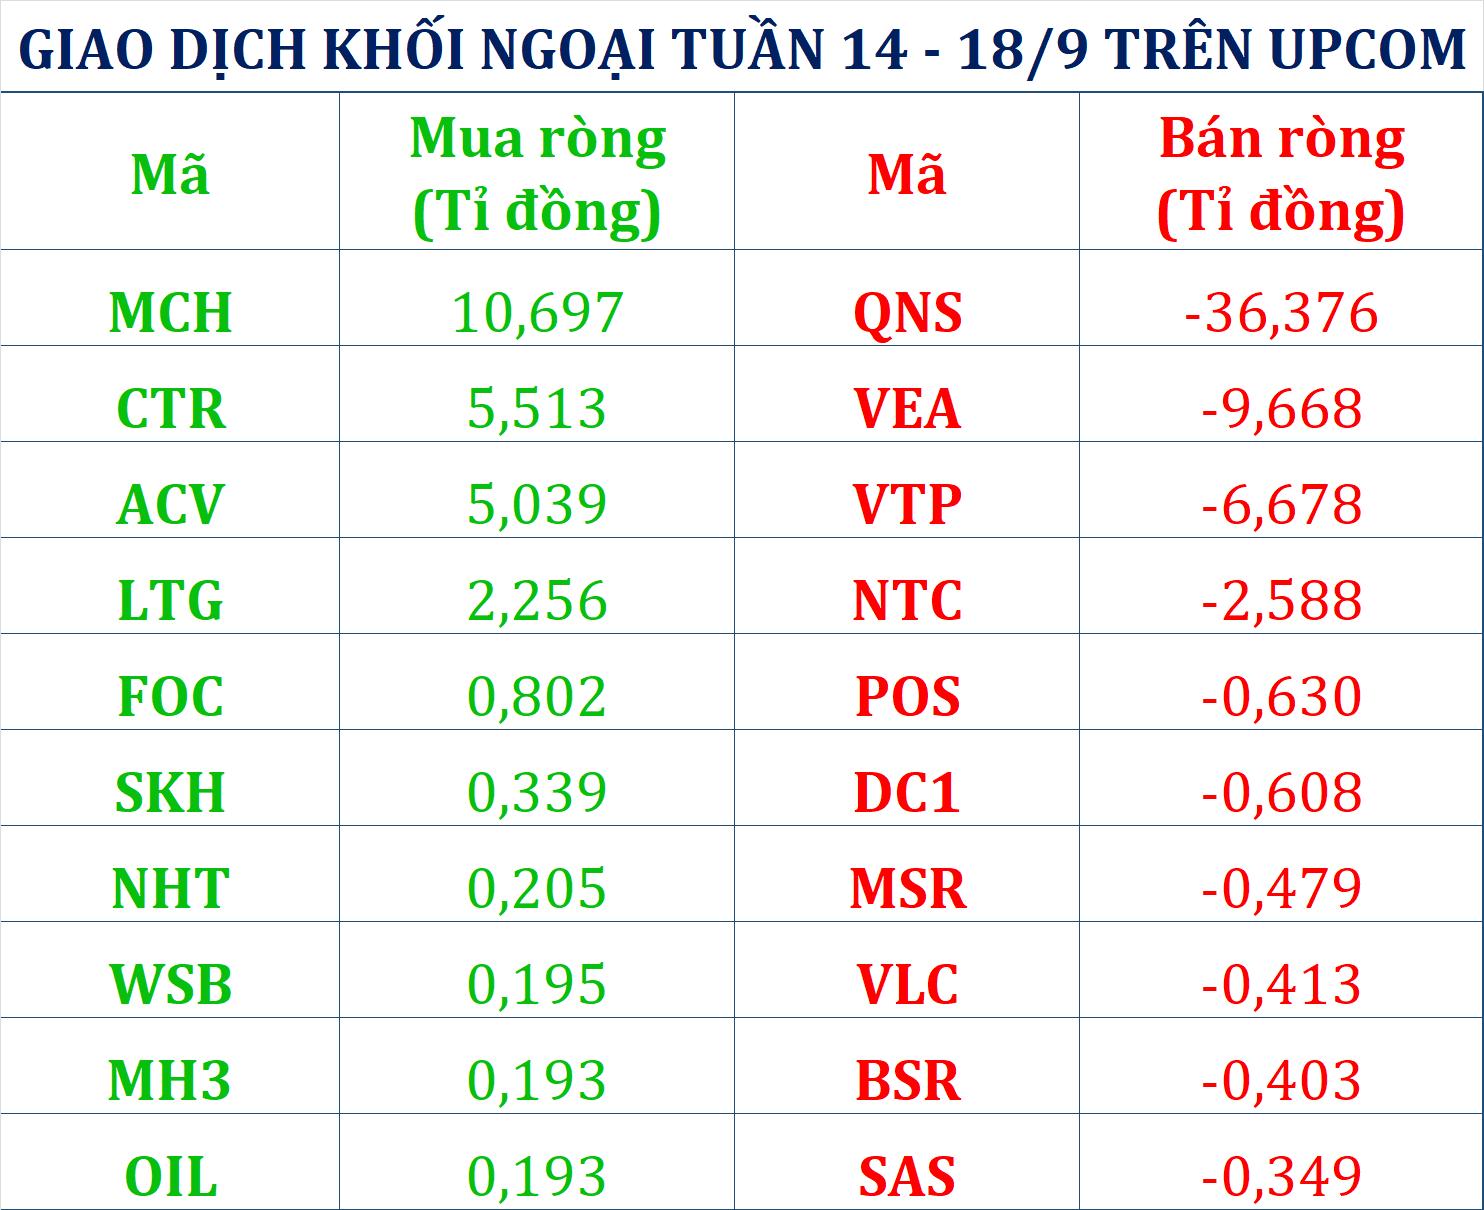 Tuần 14 – 18/9: Khối ngoại đảo chiều xả hơn 1.350 tỉ đồng cổ phiếu khi VN-Index vượt 900 điểm, tâm điểm vẫn là VHM - Ảnh 3.